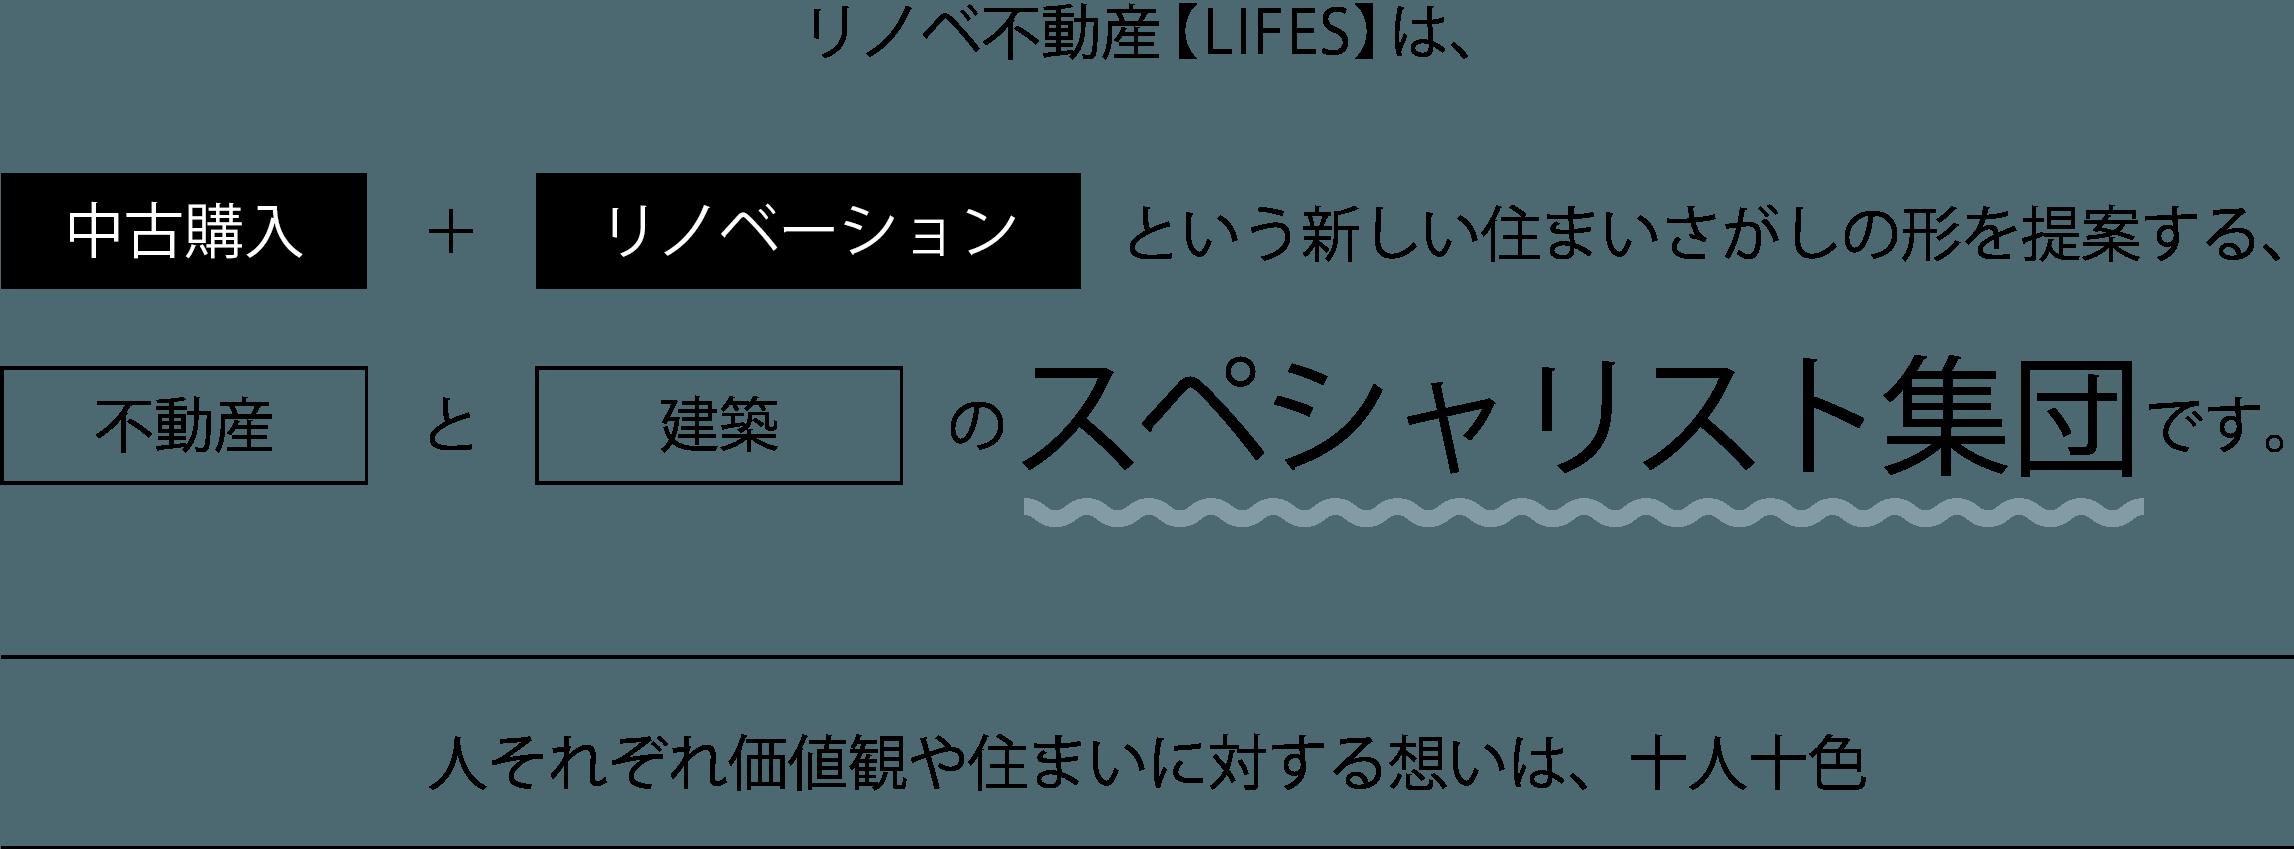 リノベ不動産【LIFES】は、中古購入+リノベーションという新しい住まいさがしの形を提案する、不動産+建築のスペシャリスト集団です。